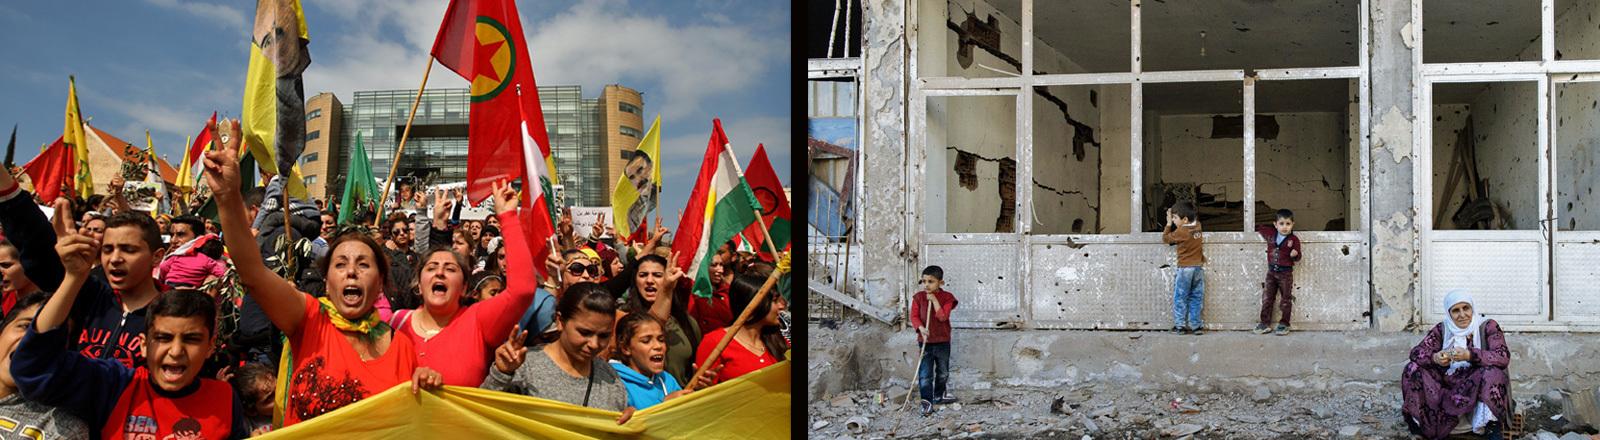 PKK Demo im Libanon nach türkischen Angriffen in Syrien am 11.3.2018 und eine Ruine nach Beschuss in der hauptsächlich von Kurden bewohnten Stadt Cizre im Dezember 2015.